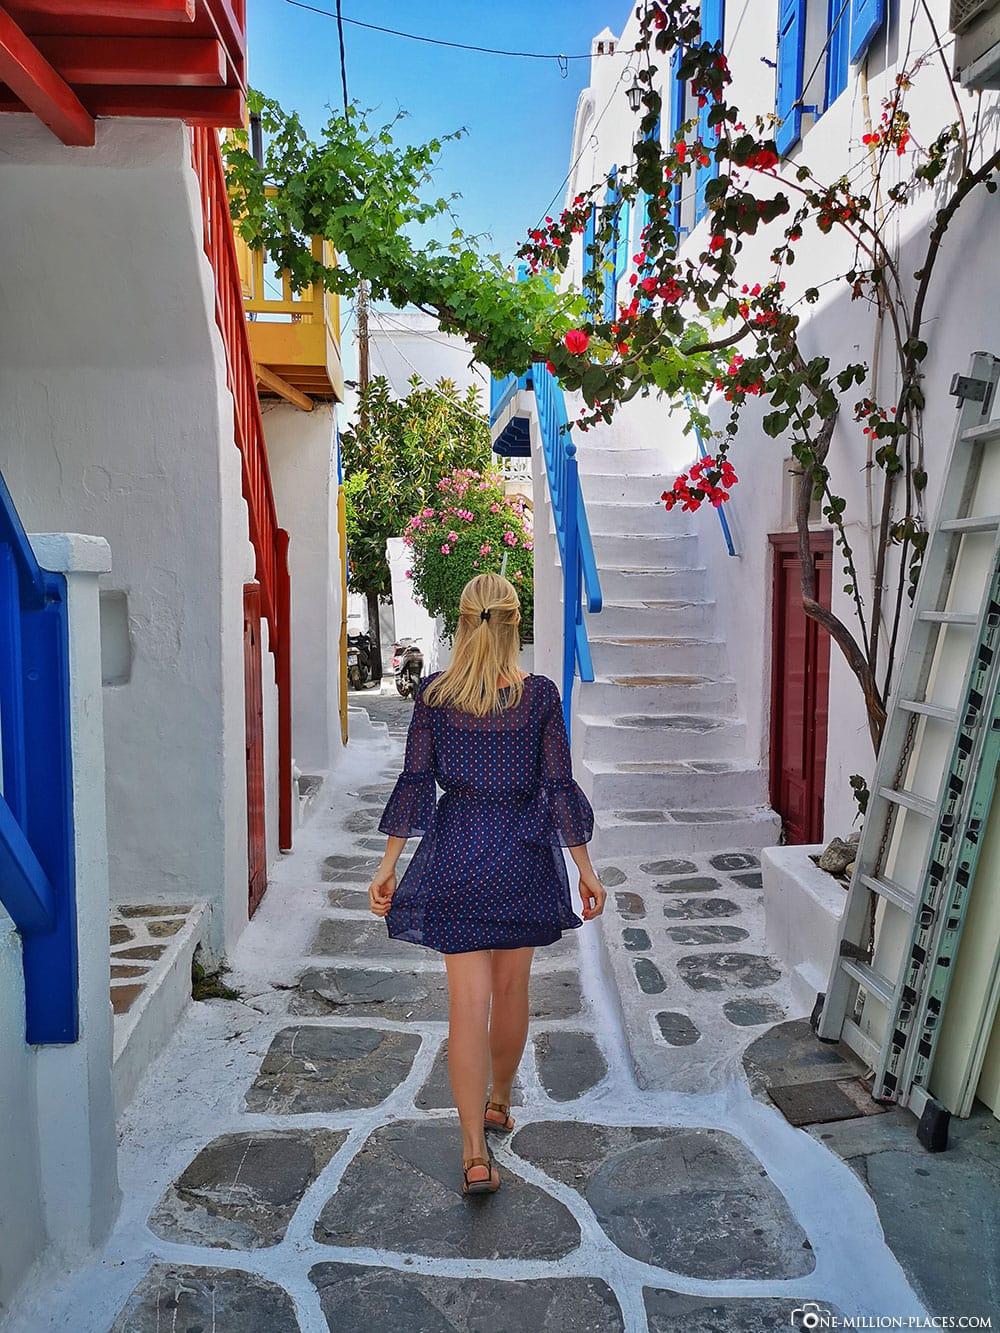 Märchenhaften Gassen, Mykonos, Chora, Stadt, Gassen, Sehenswürdigkeiten, Bilder, Reiseblog